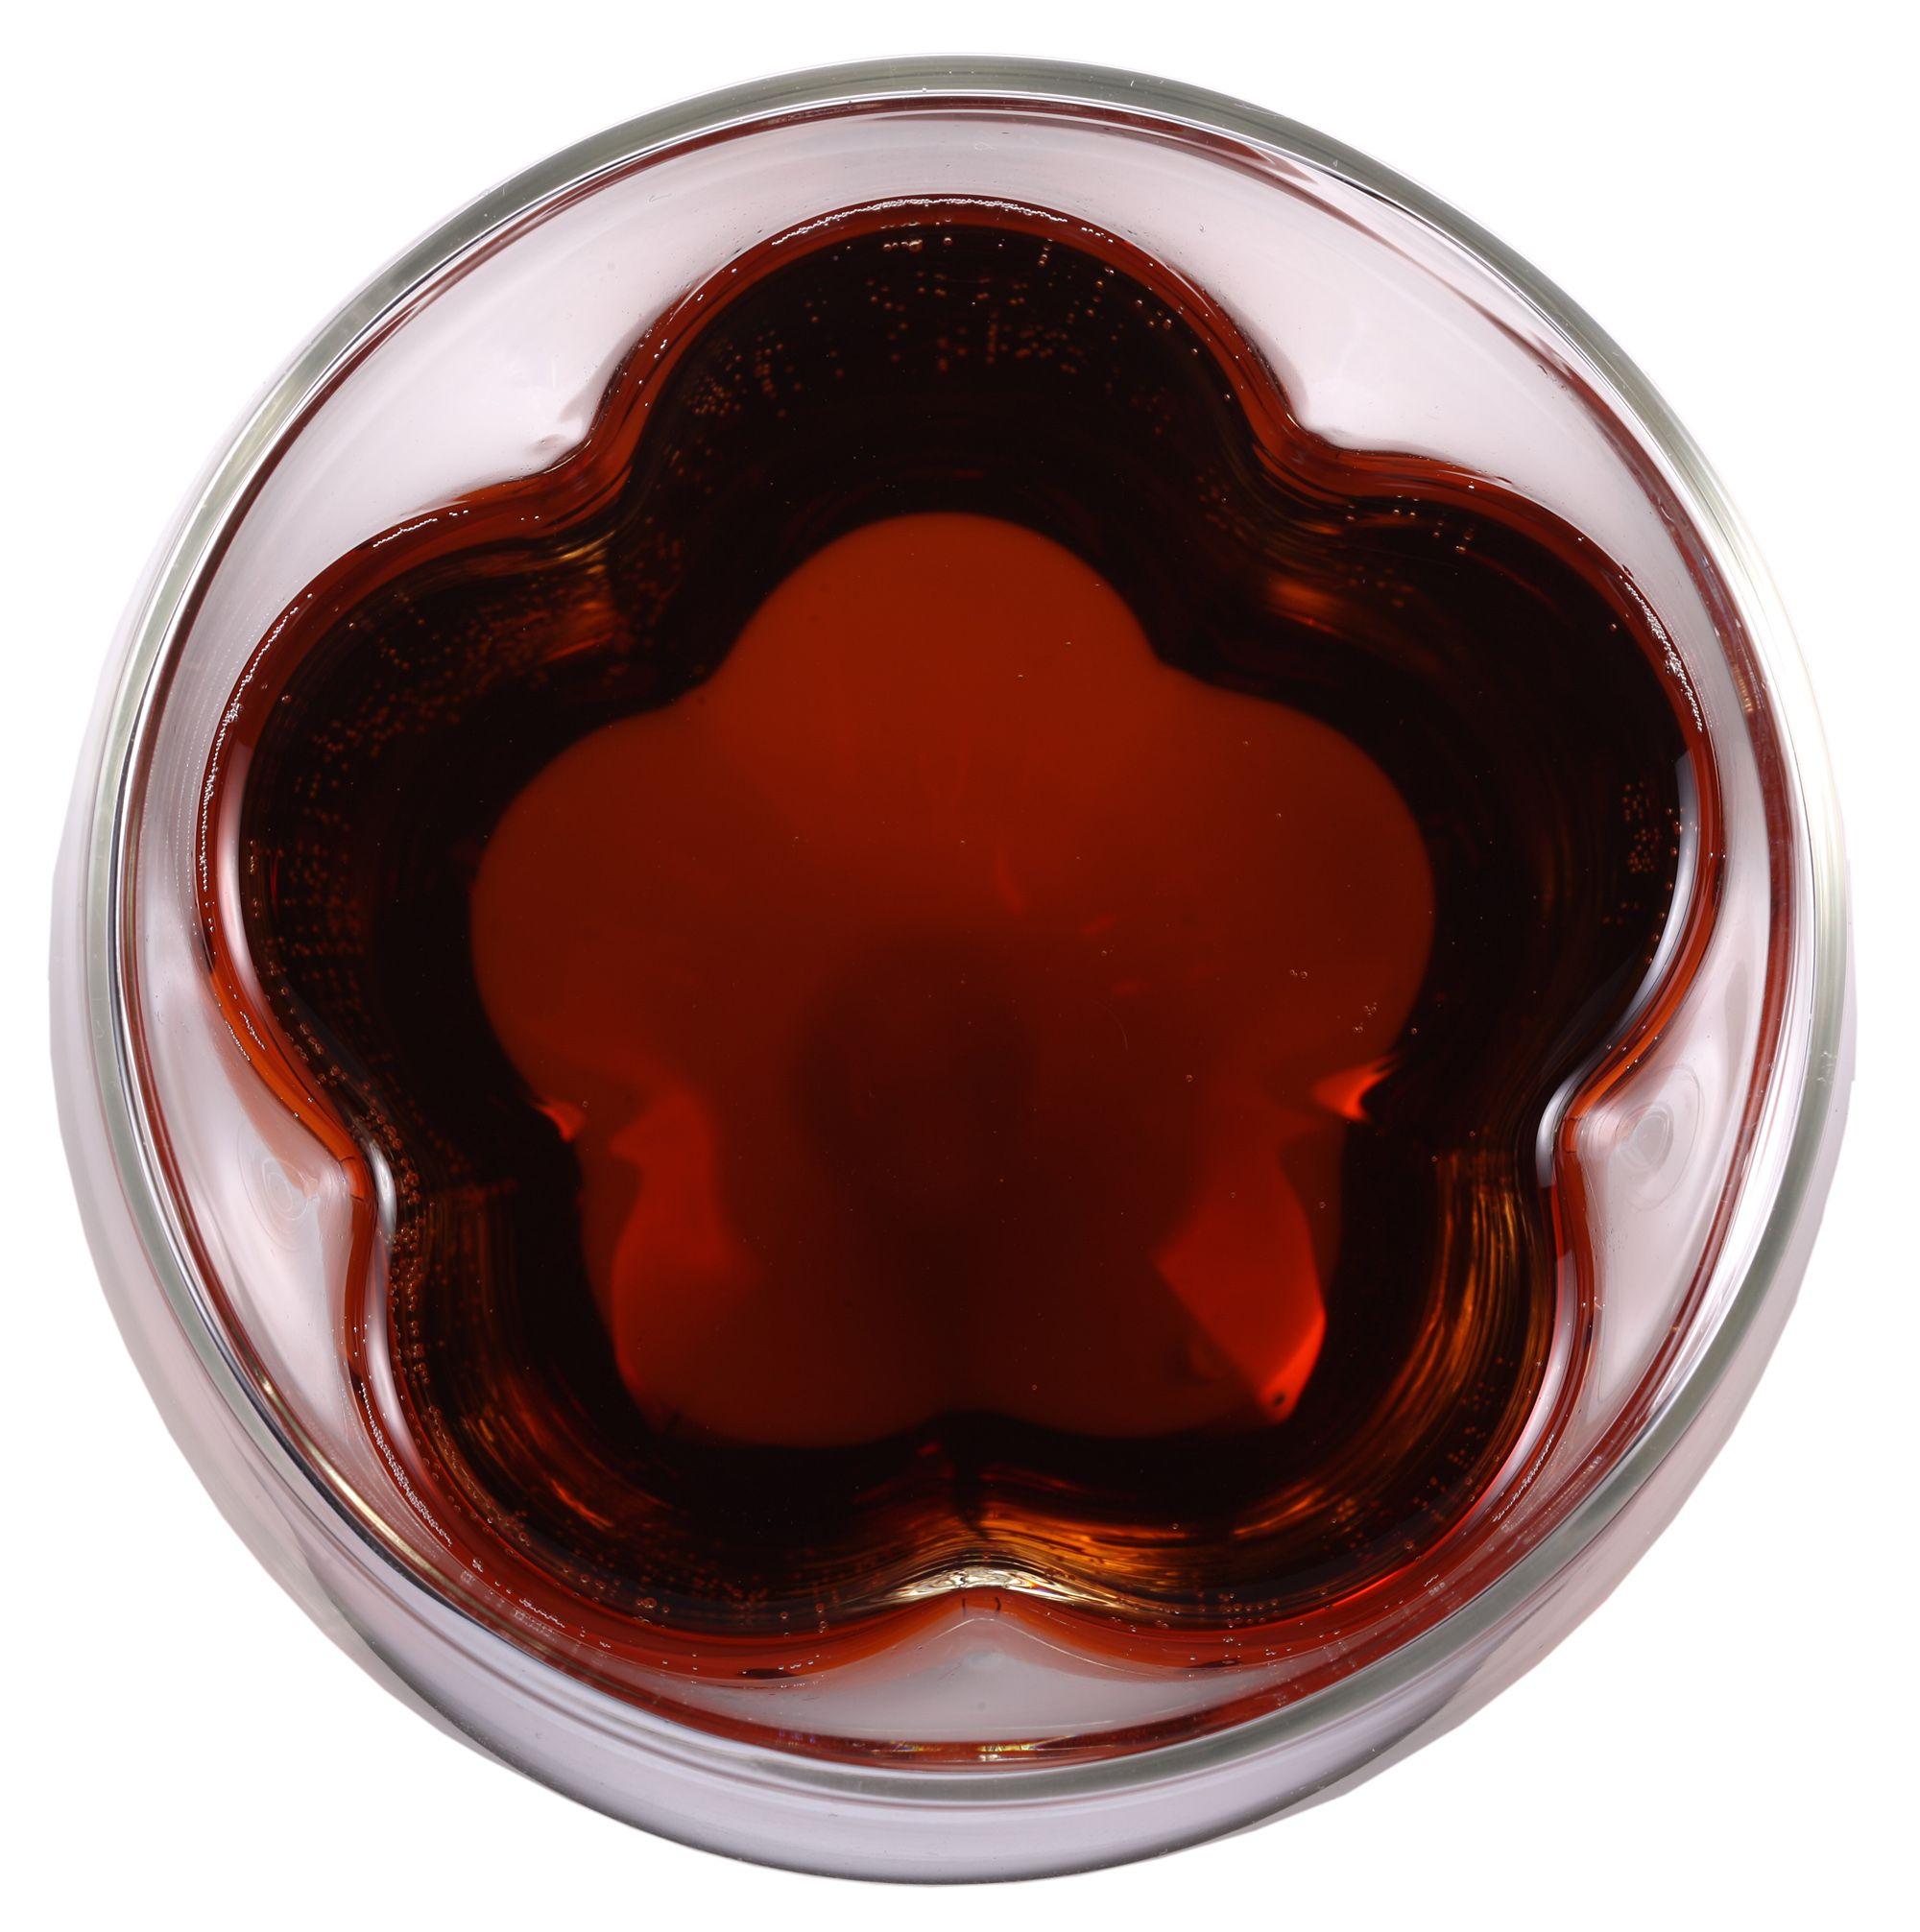 """Teeglas """"Bloomi"""" von Feelino: https://www.blissany.com/teeglas-bloomi-feelino.html"""